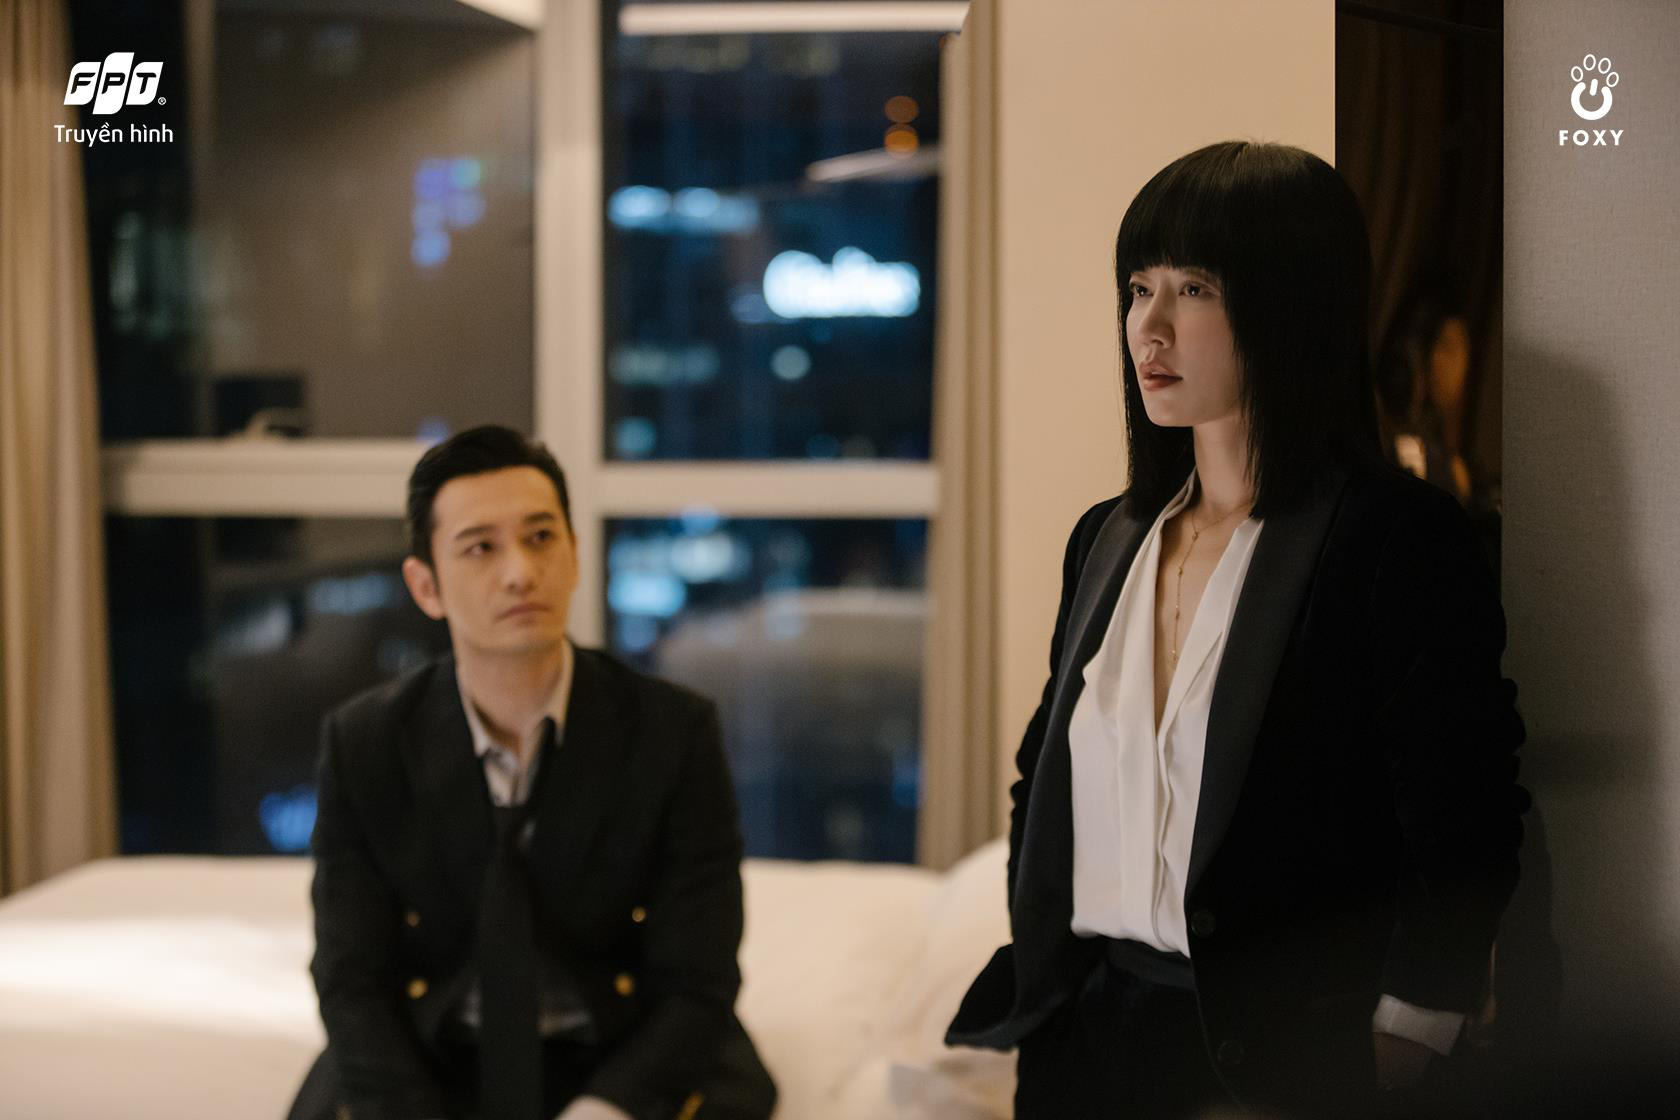 Tái ngộ Huỳnh Hiểu Minh trong bộ phim Lật Kèo ra mắt trên Truyền hình FPT - Ảnh 6.